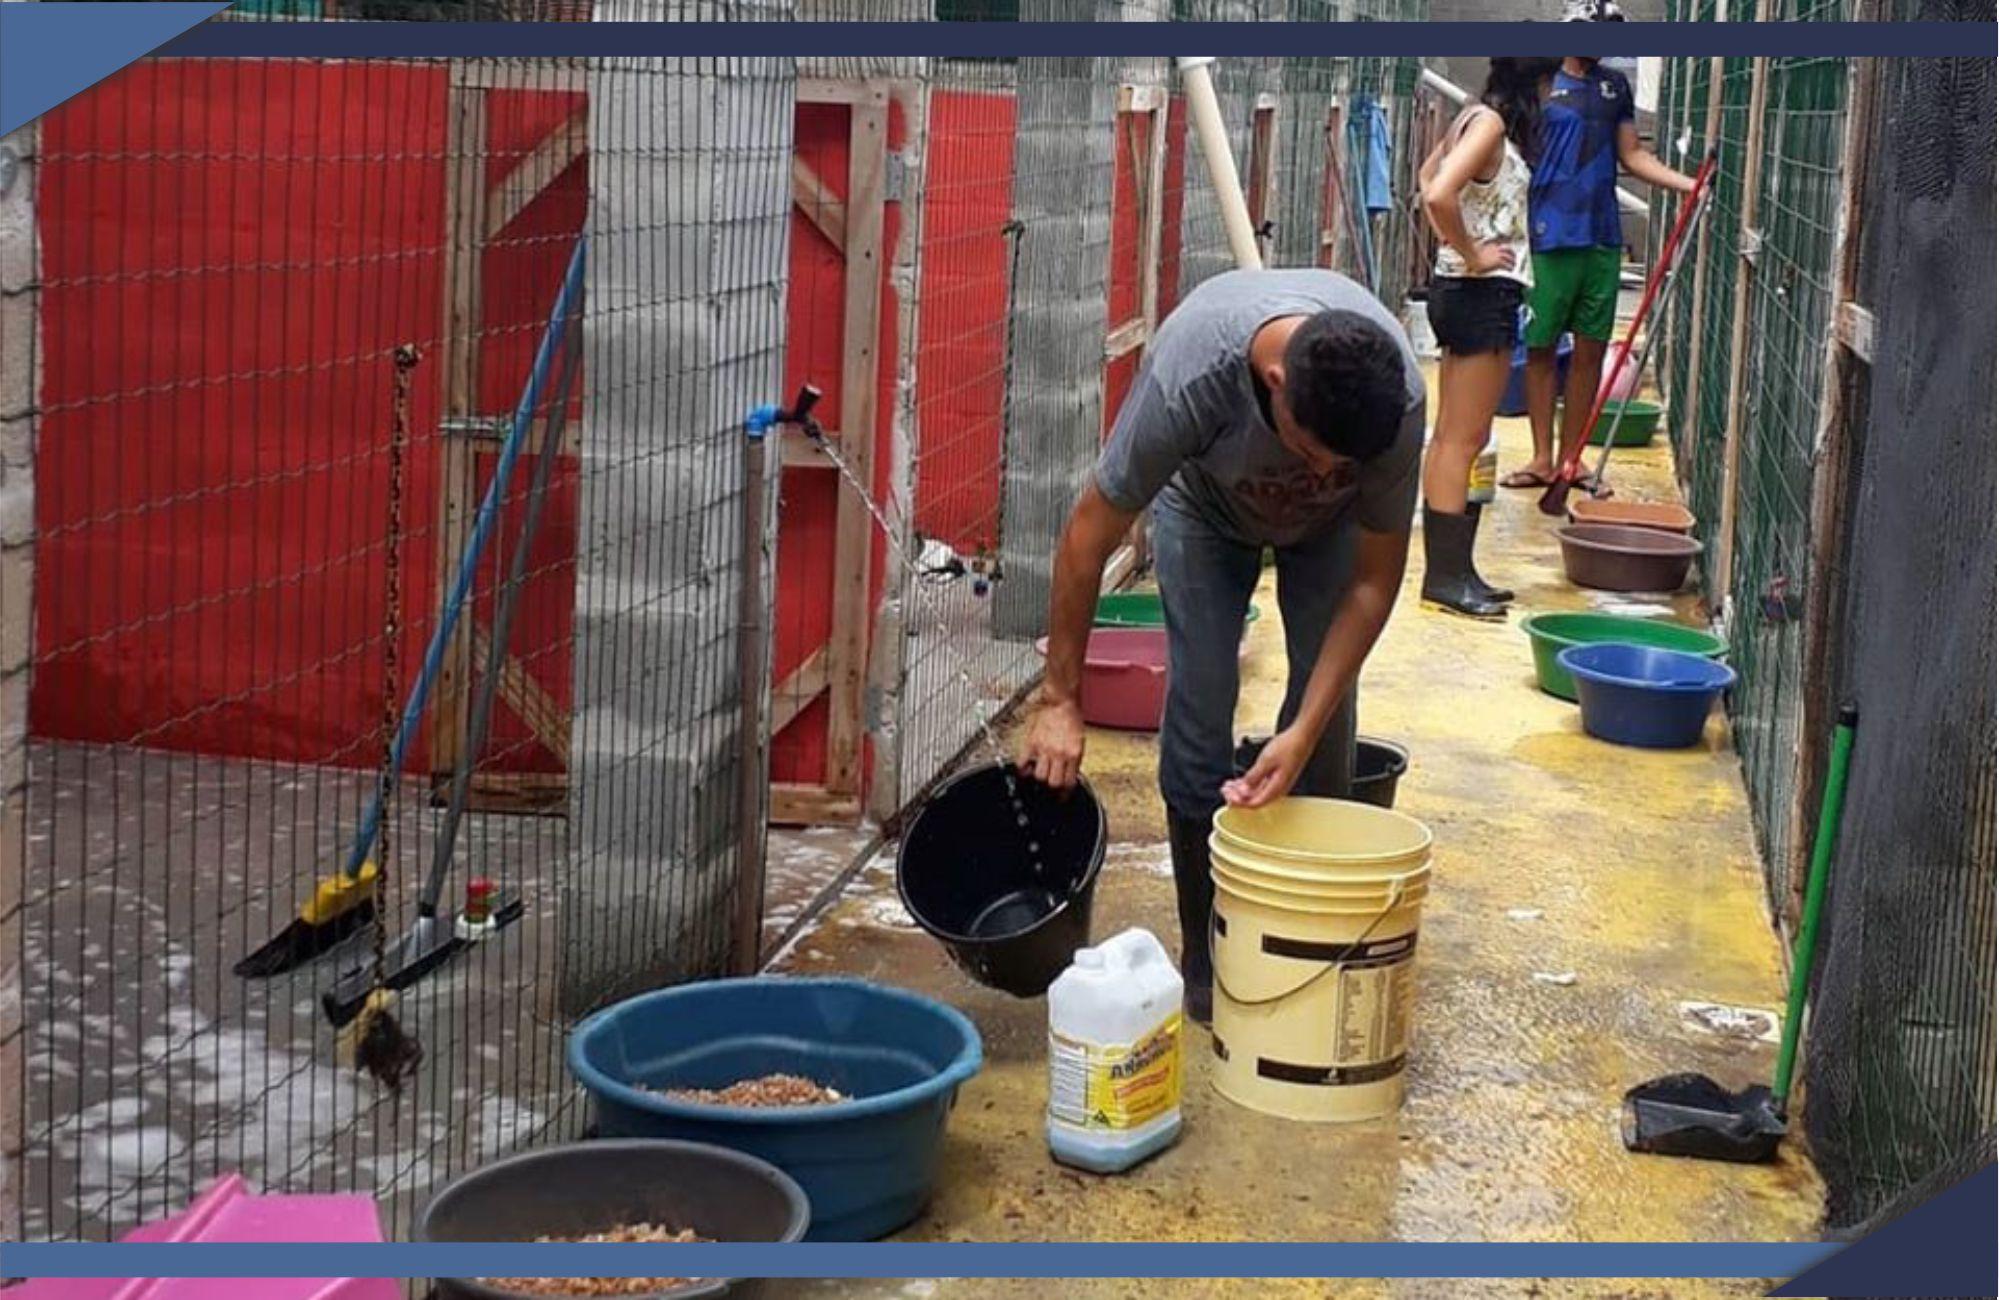 PREFEITURA FIRMA CONVÊNIO DE REPASSE DE RECURSOS PARA CUIDAR DE ANIMAIS ABANDONADOS